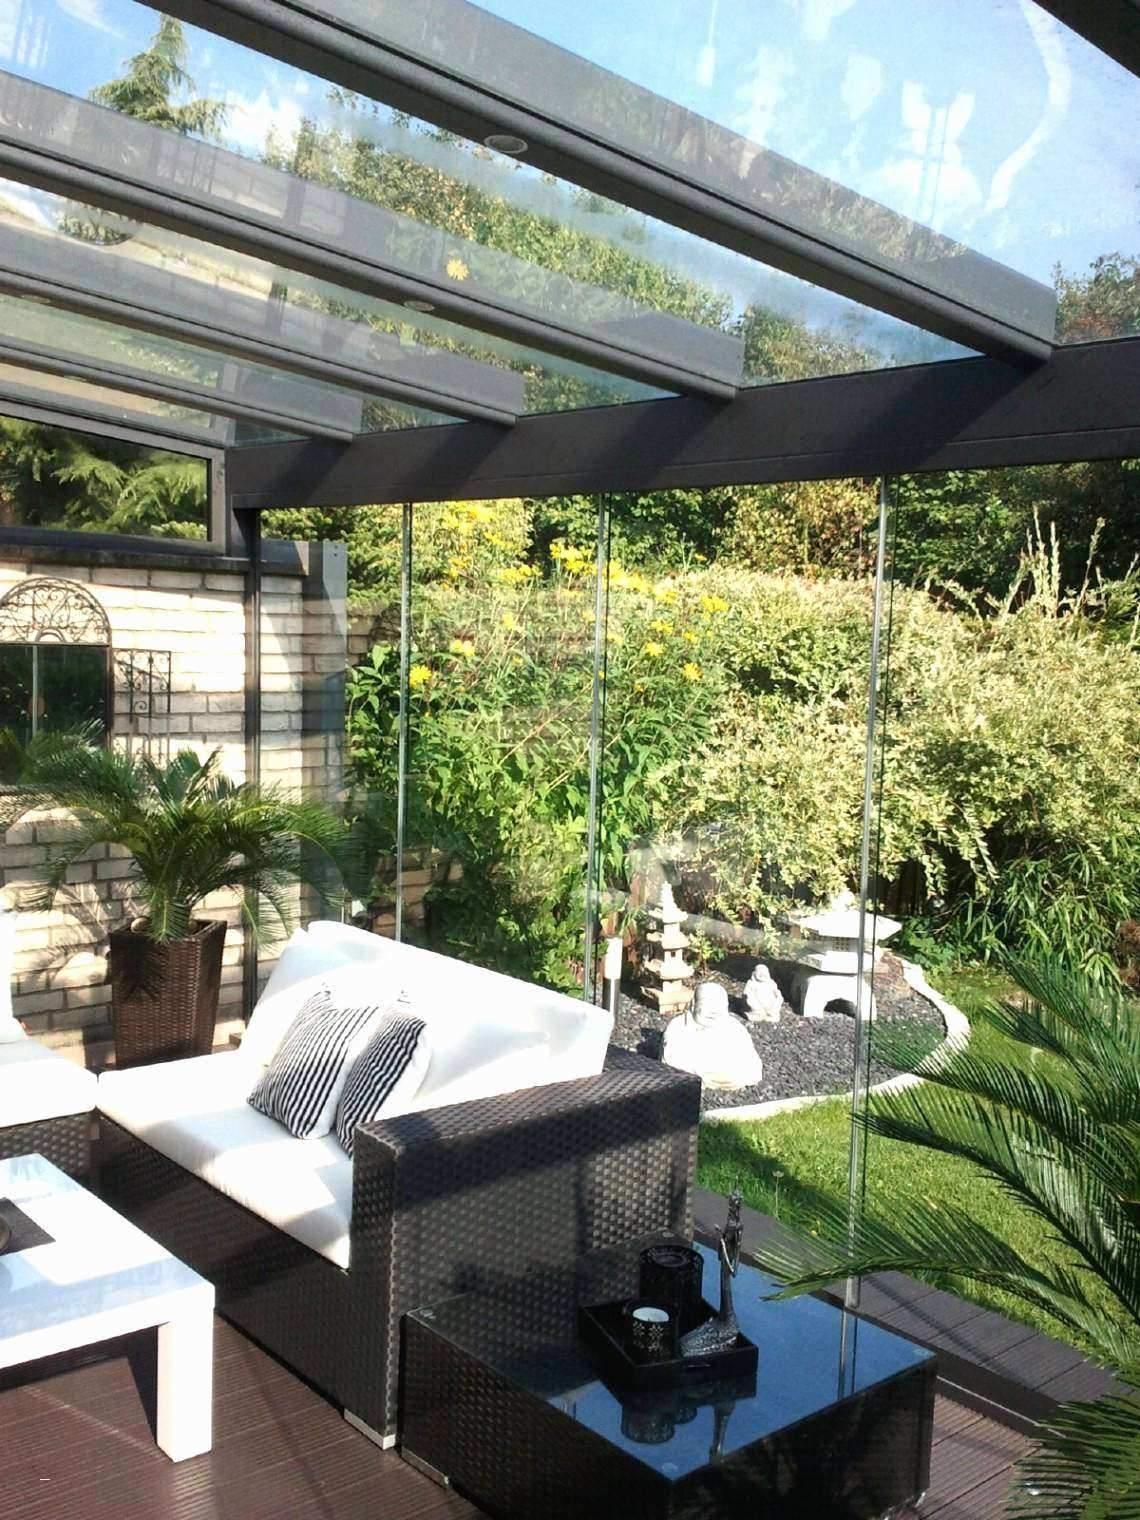 wohnen im landhausstil frisch landhaus botanischer garten inspirierend wohnung garten of wohnen im landhausstil